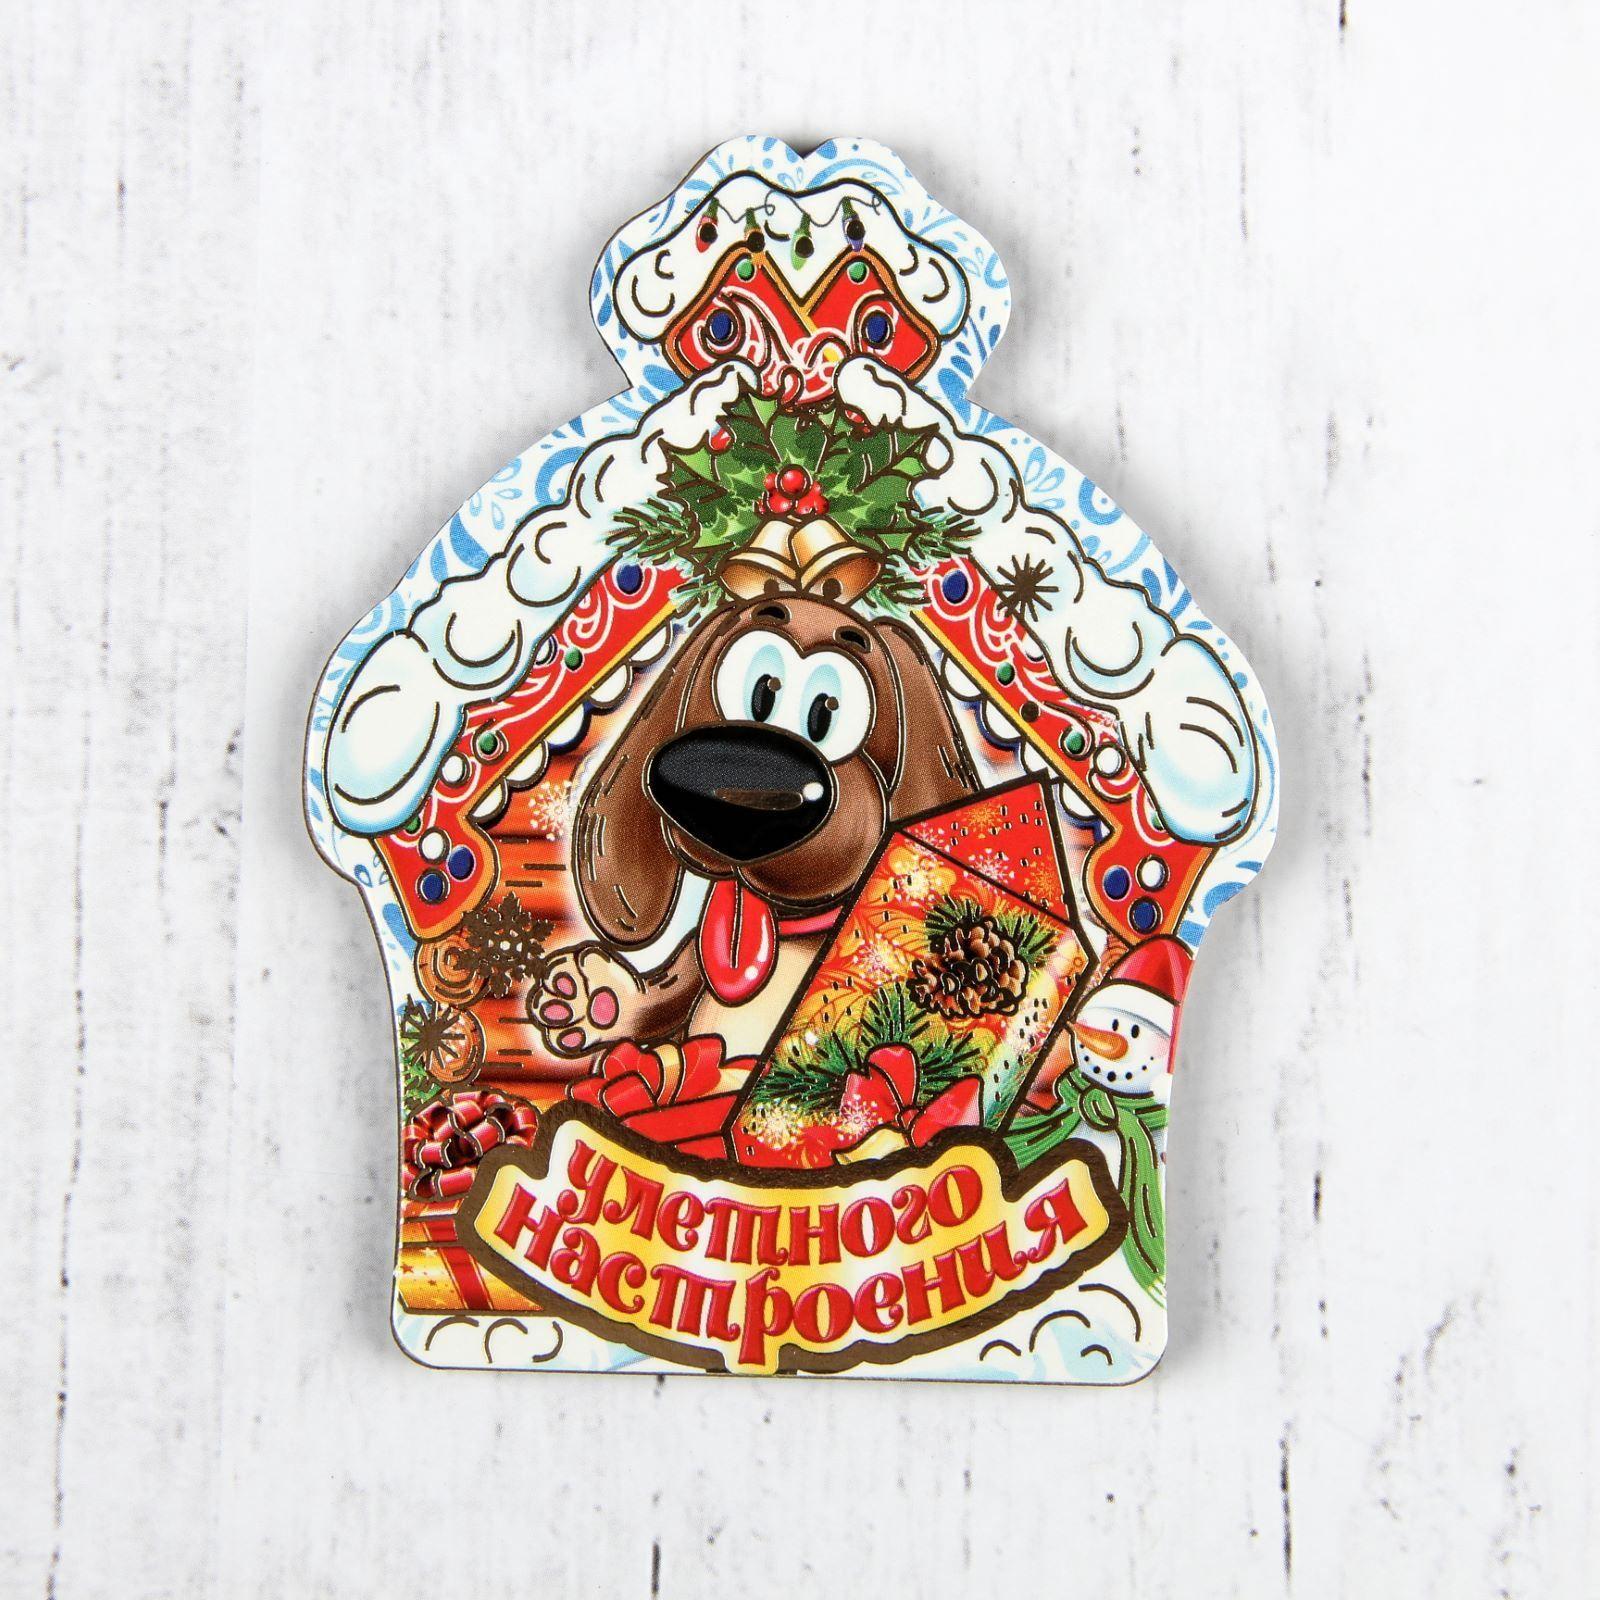 Магнит Sima-land Новогодний. 2018, 10 х 7,5 см. 25324182532418Порадуйте родных и близких оригинальным сувениром: преподнесите в подарок магнит. С ним даже самый серьезный человек почувствует себя ребенком, ожидающим чудо! Прикрепите его к любой металлической поверхности, и он удержит на виду важные записки, любовные послания или просто список продуктов.Создайте праздничное настроение, и оно останется с вами на весь год.